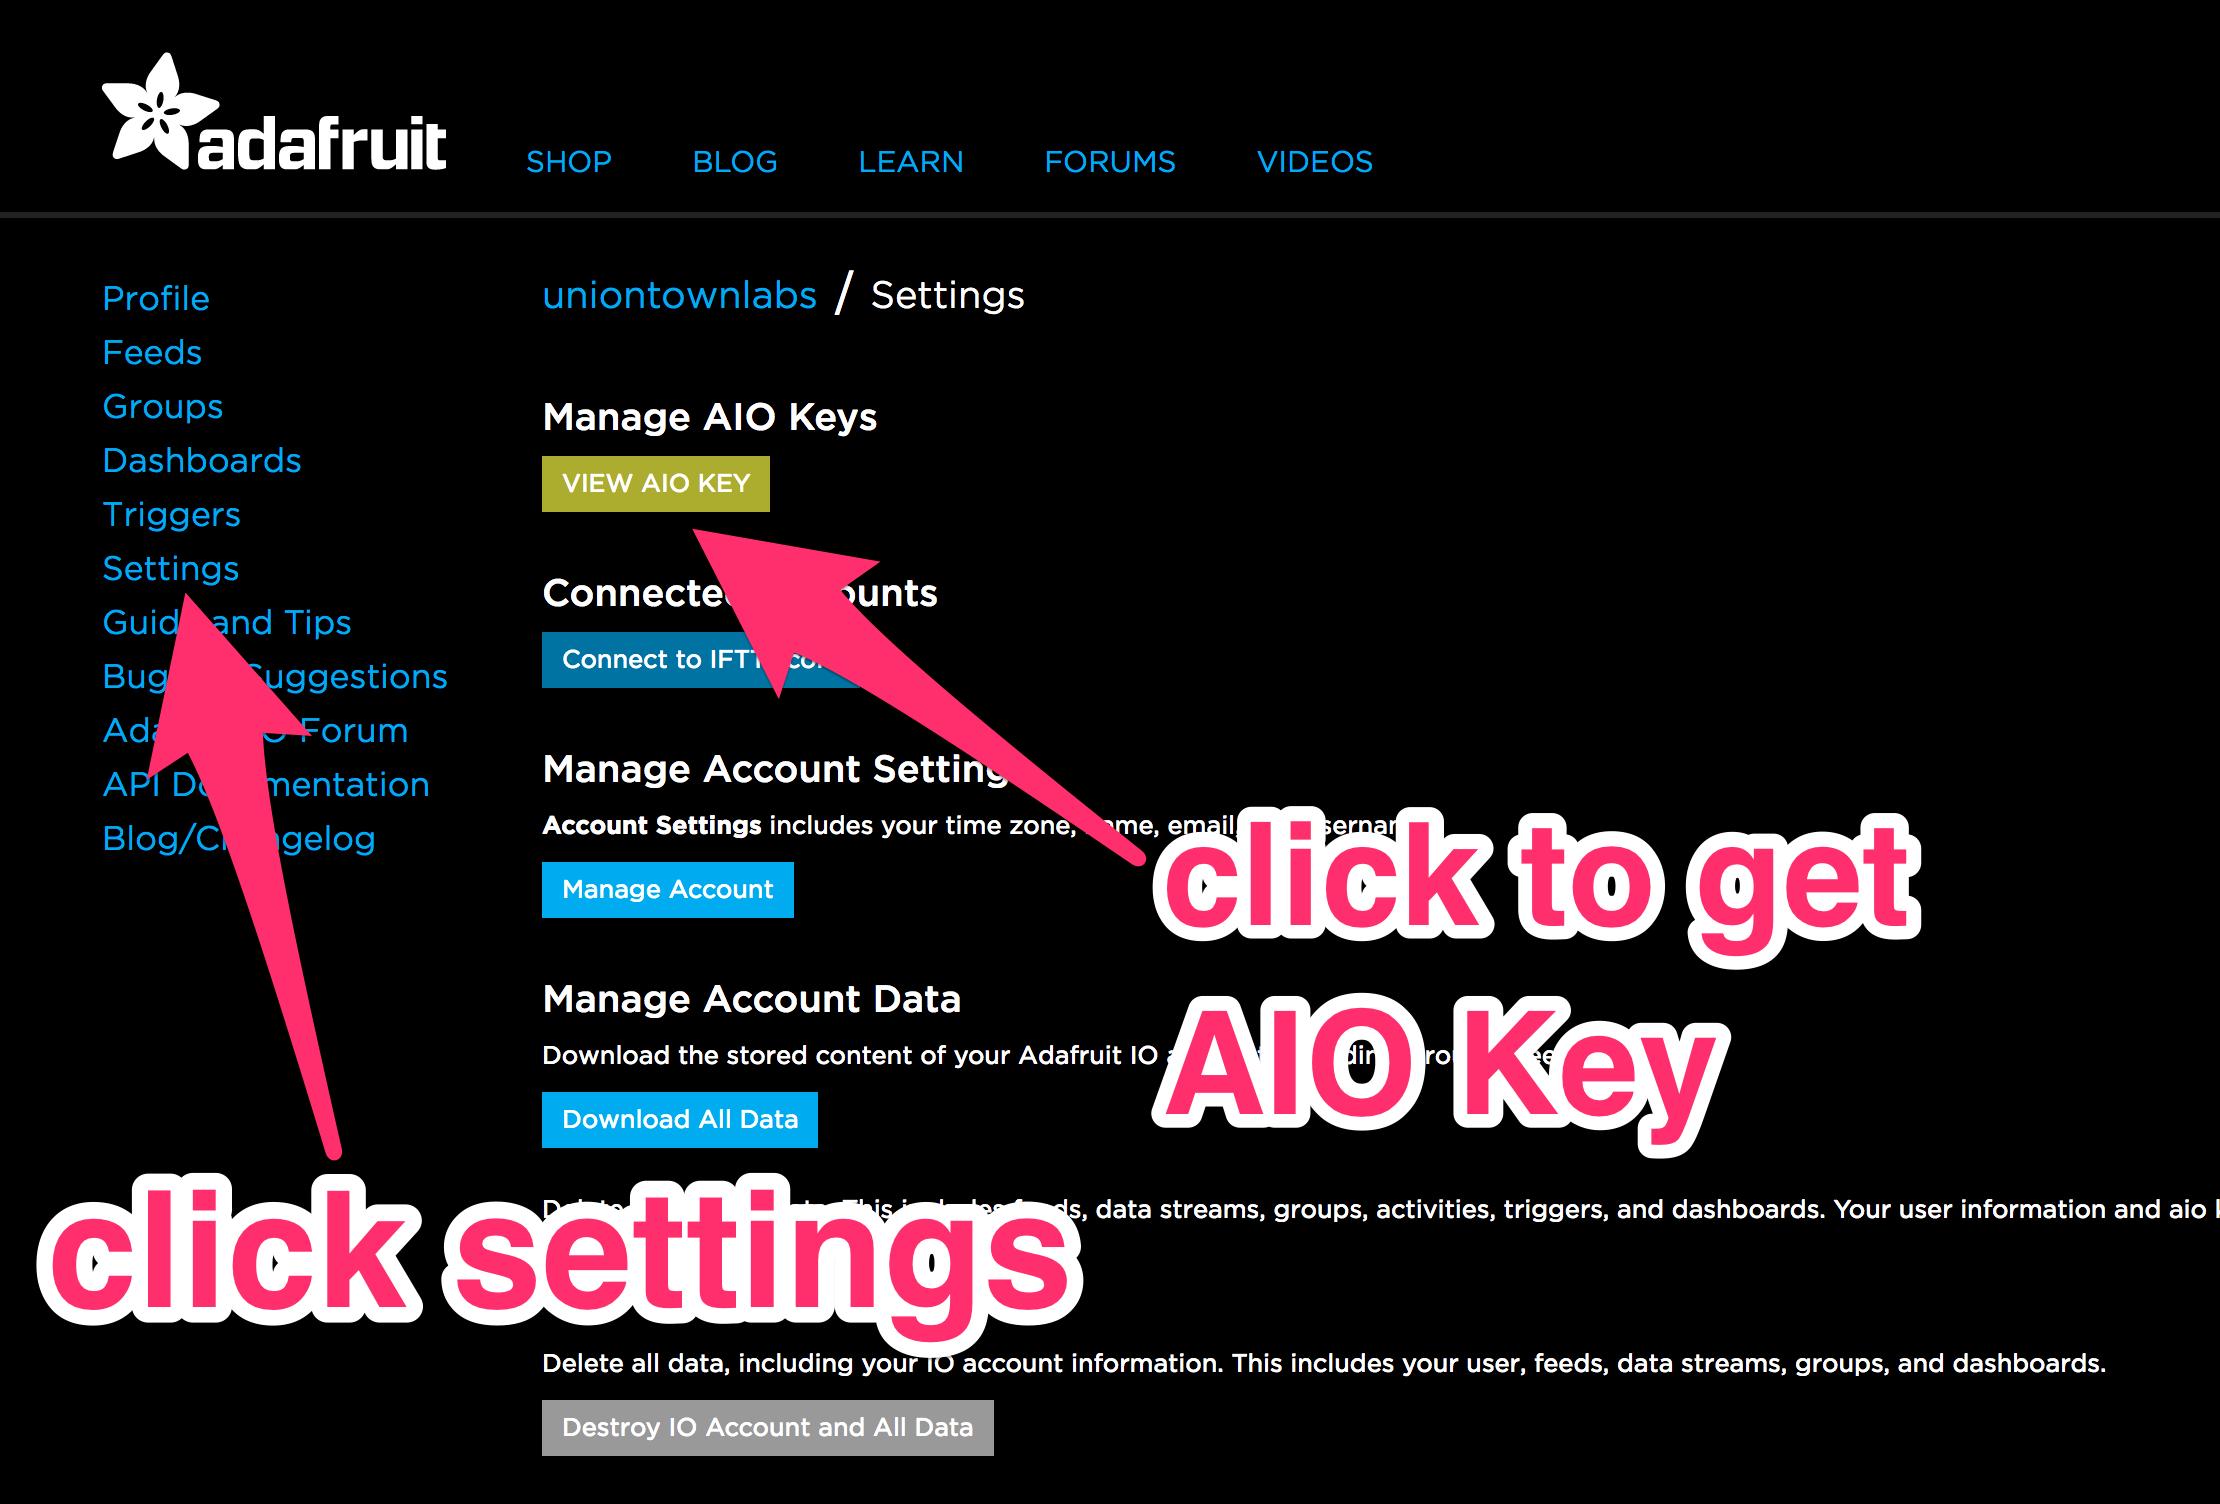 adafruit_products_adafruit_io_00_keyclick.png